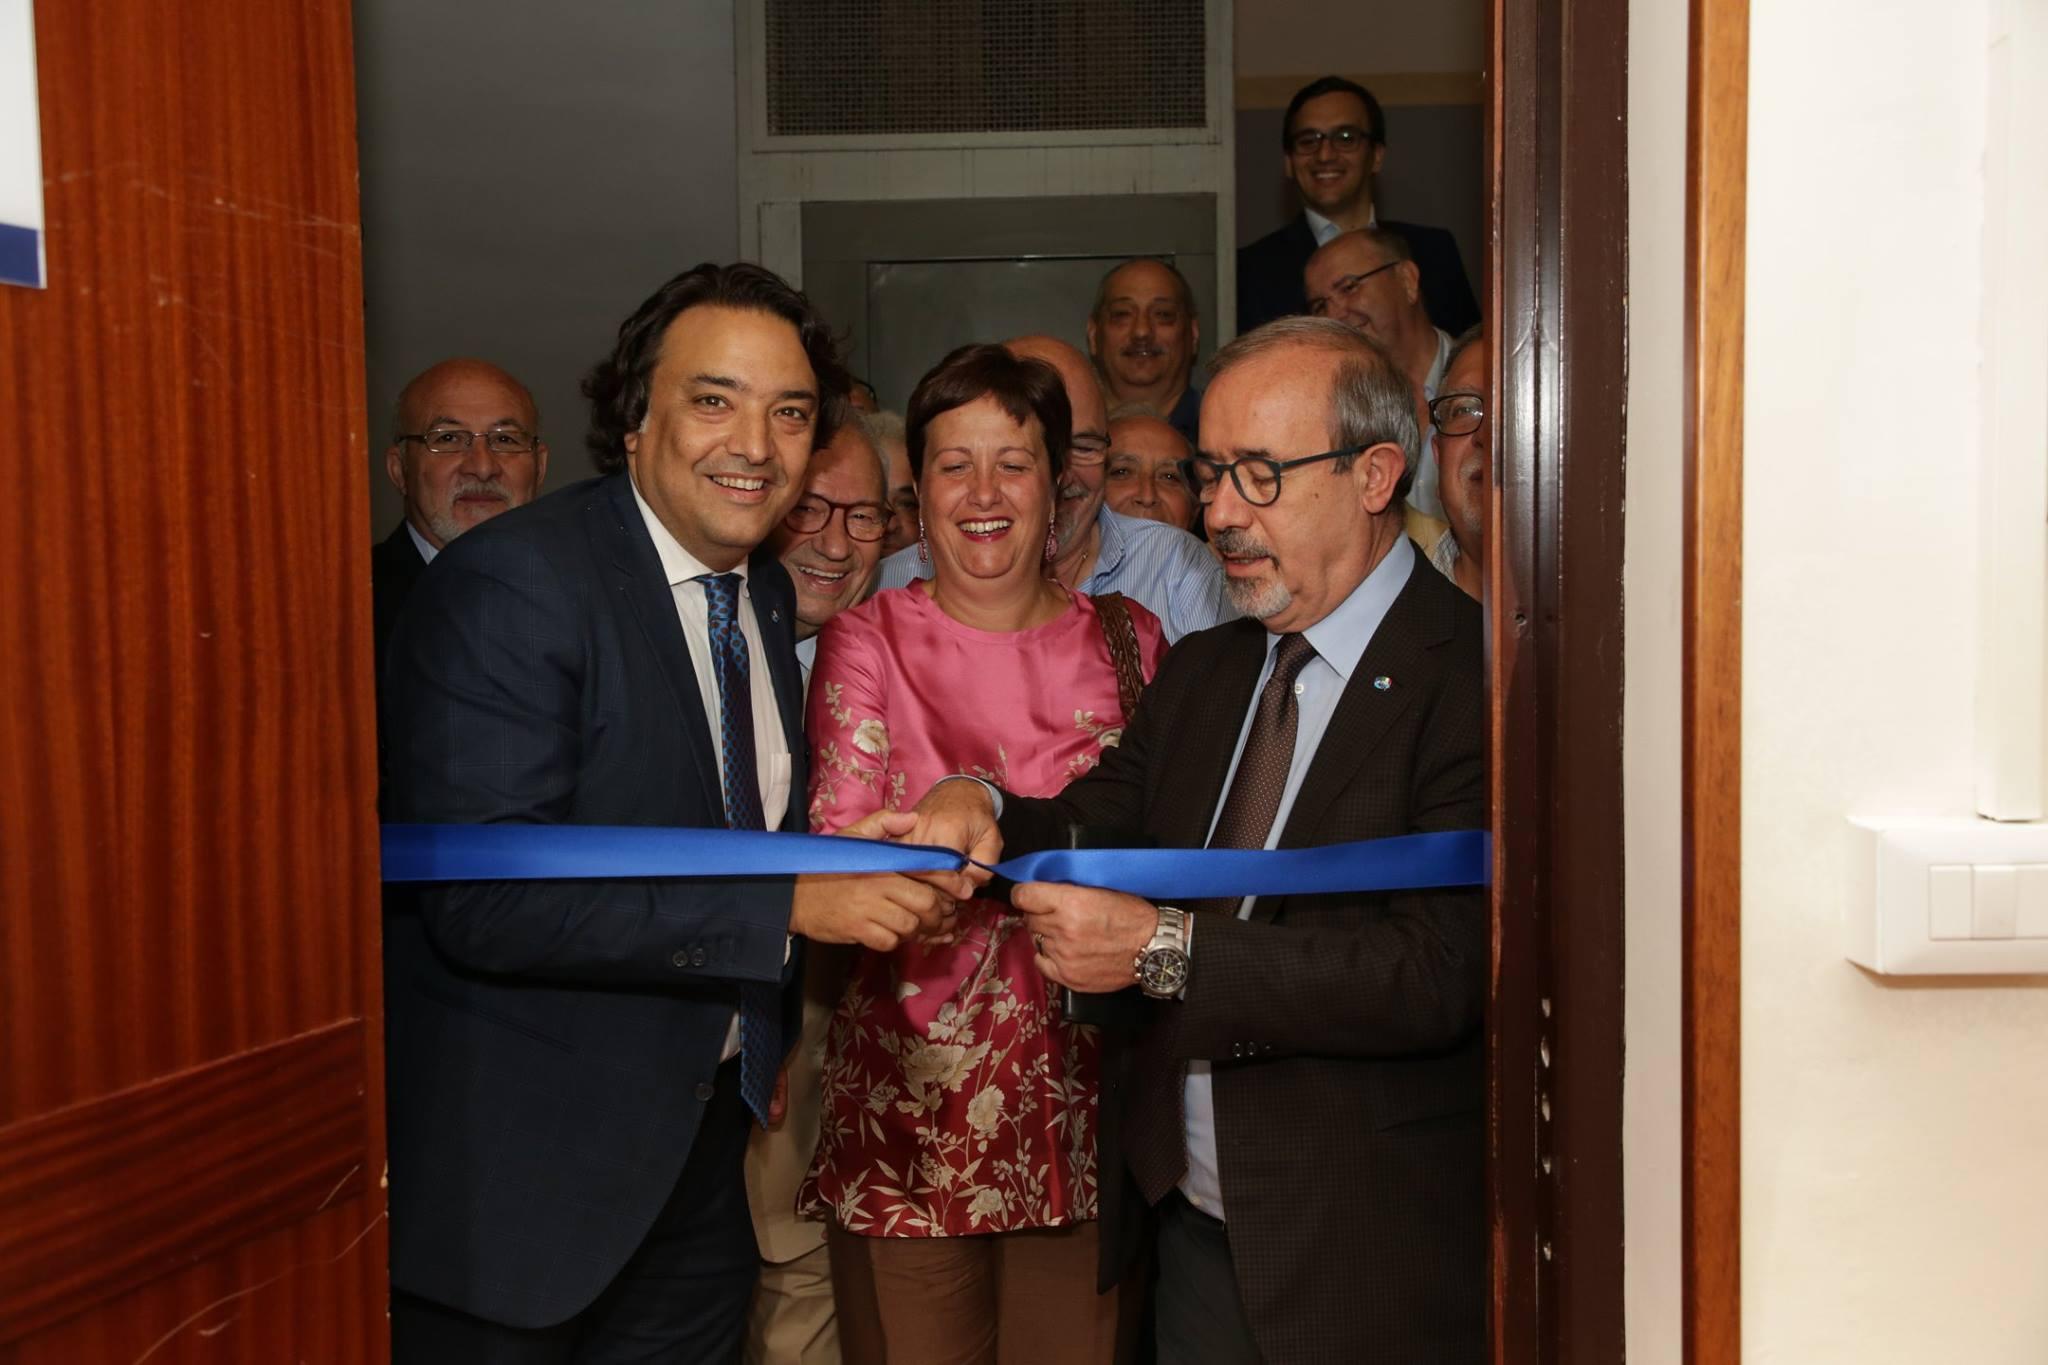 Inaugurazione nuova sede UIL Messina con il segretario generale Carmelo Barbagallo (Messina, 20 giugno 2017)